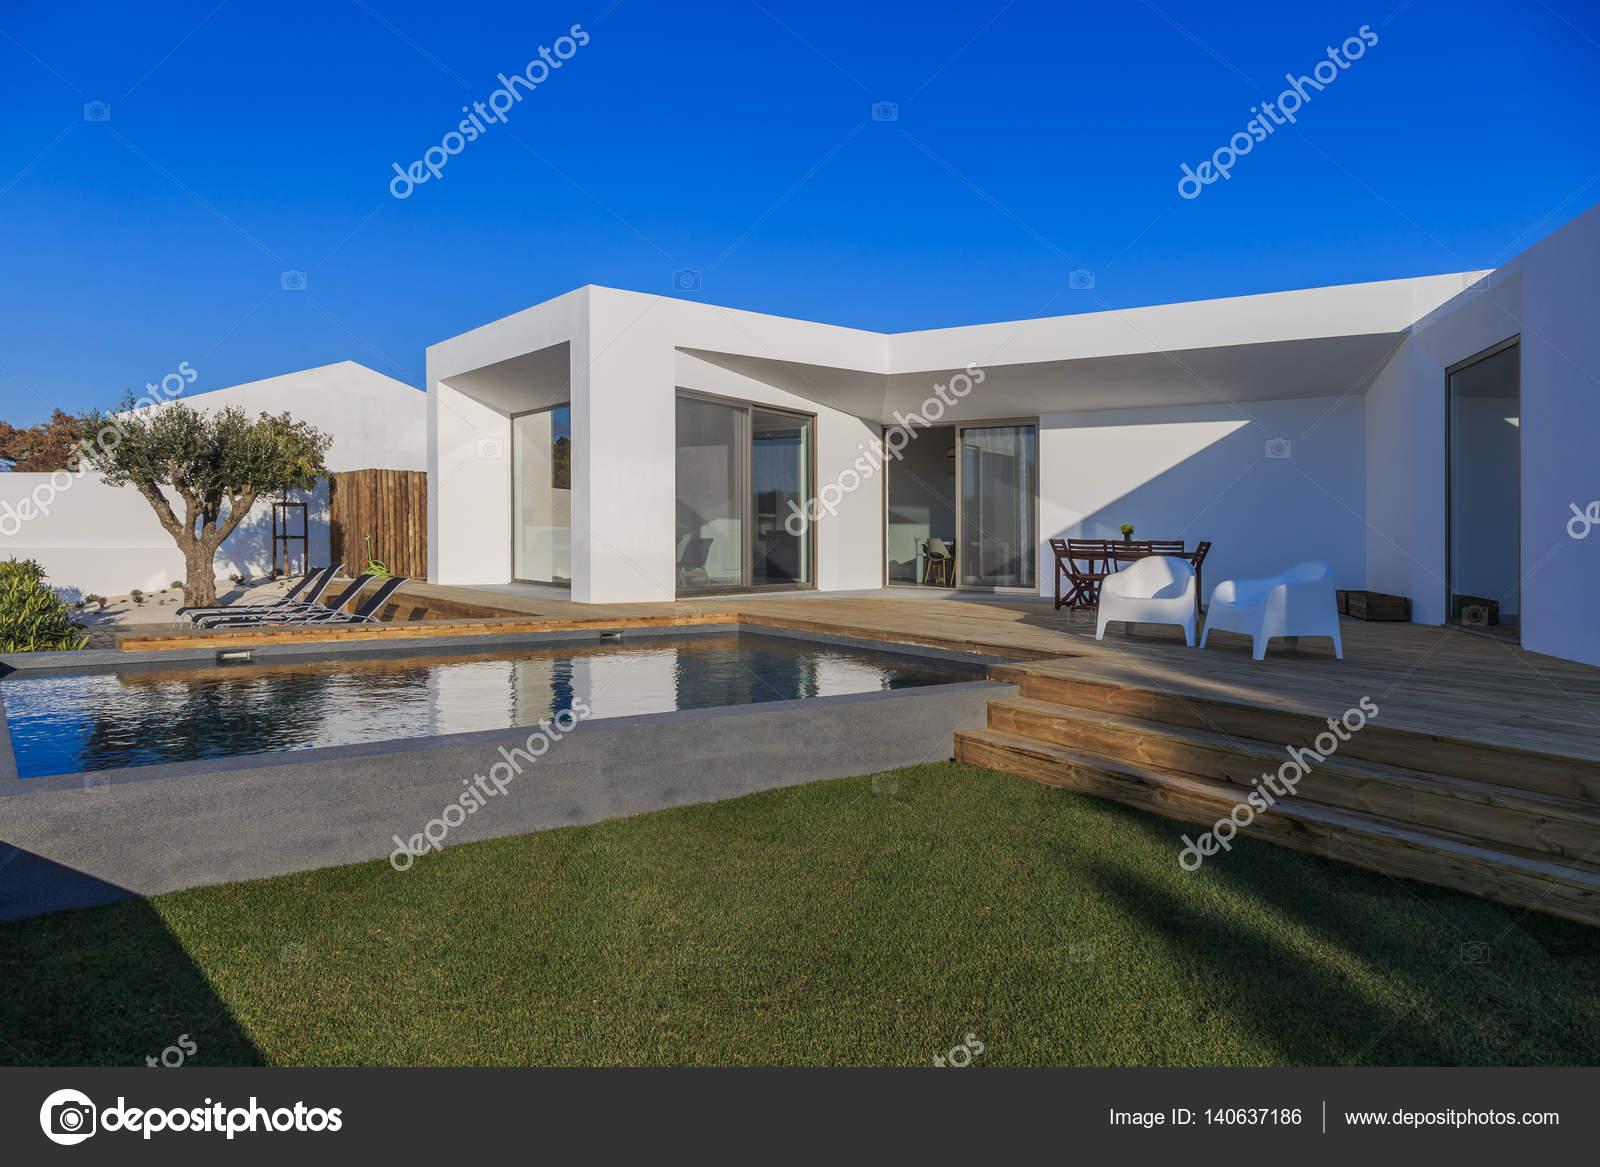 Casa moderna com jardim piscina e deck de madeira for Casa moderna piscina